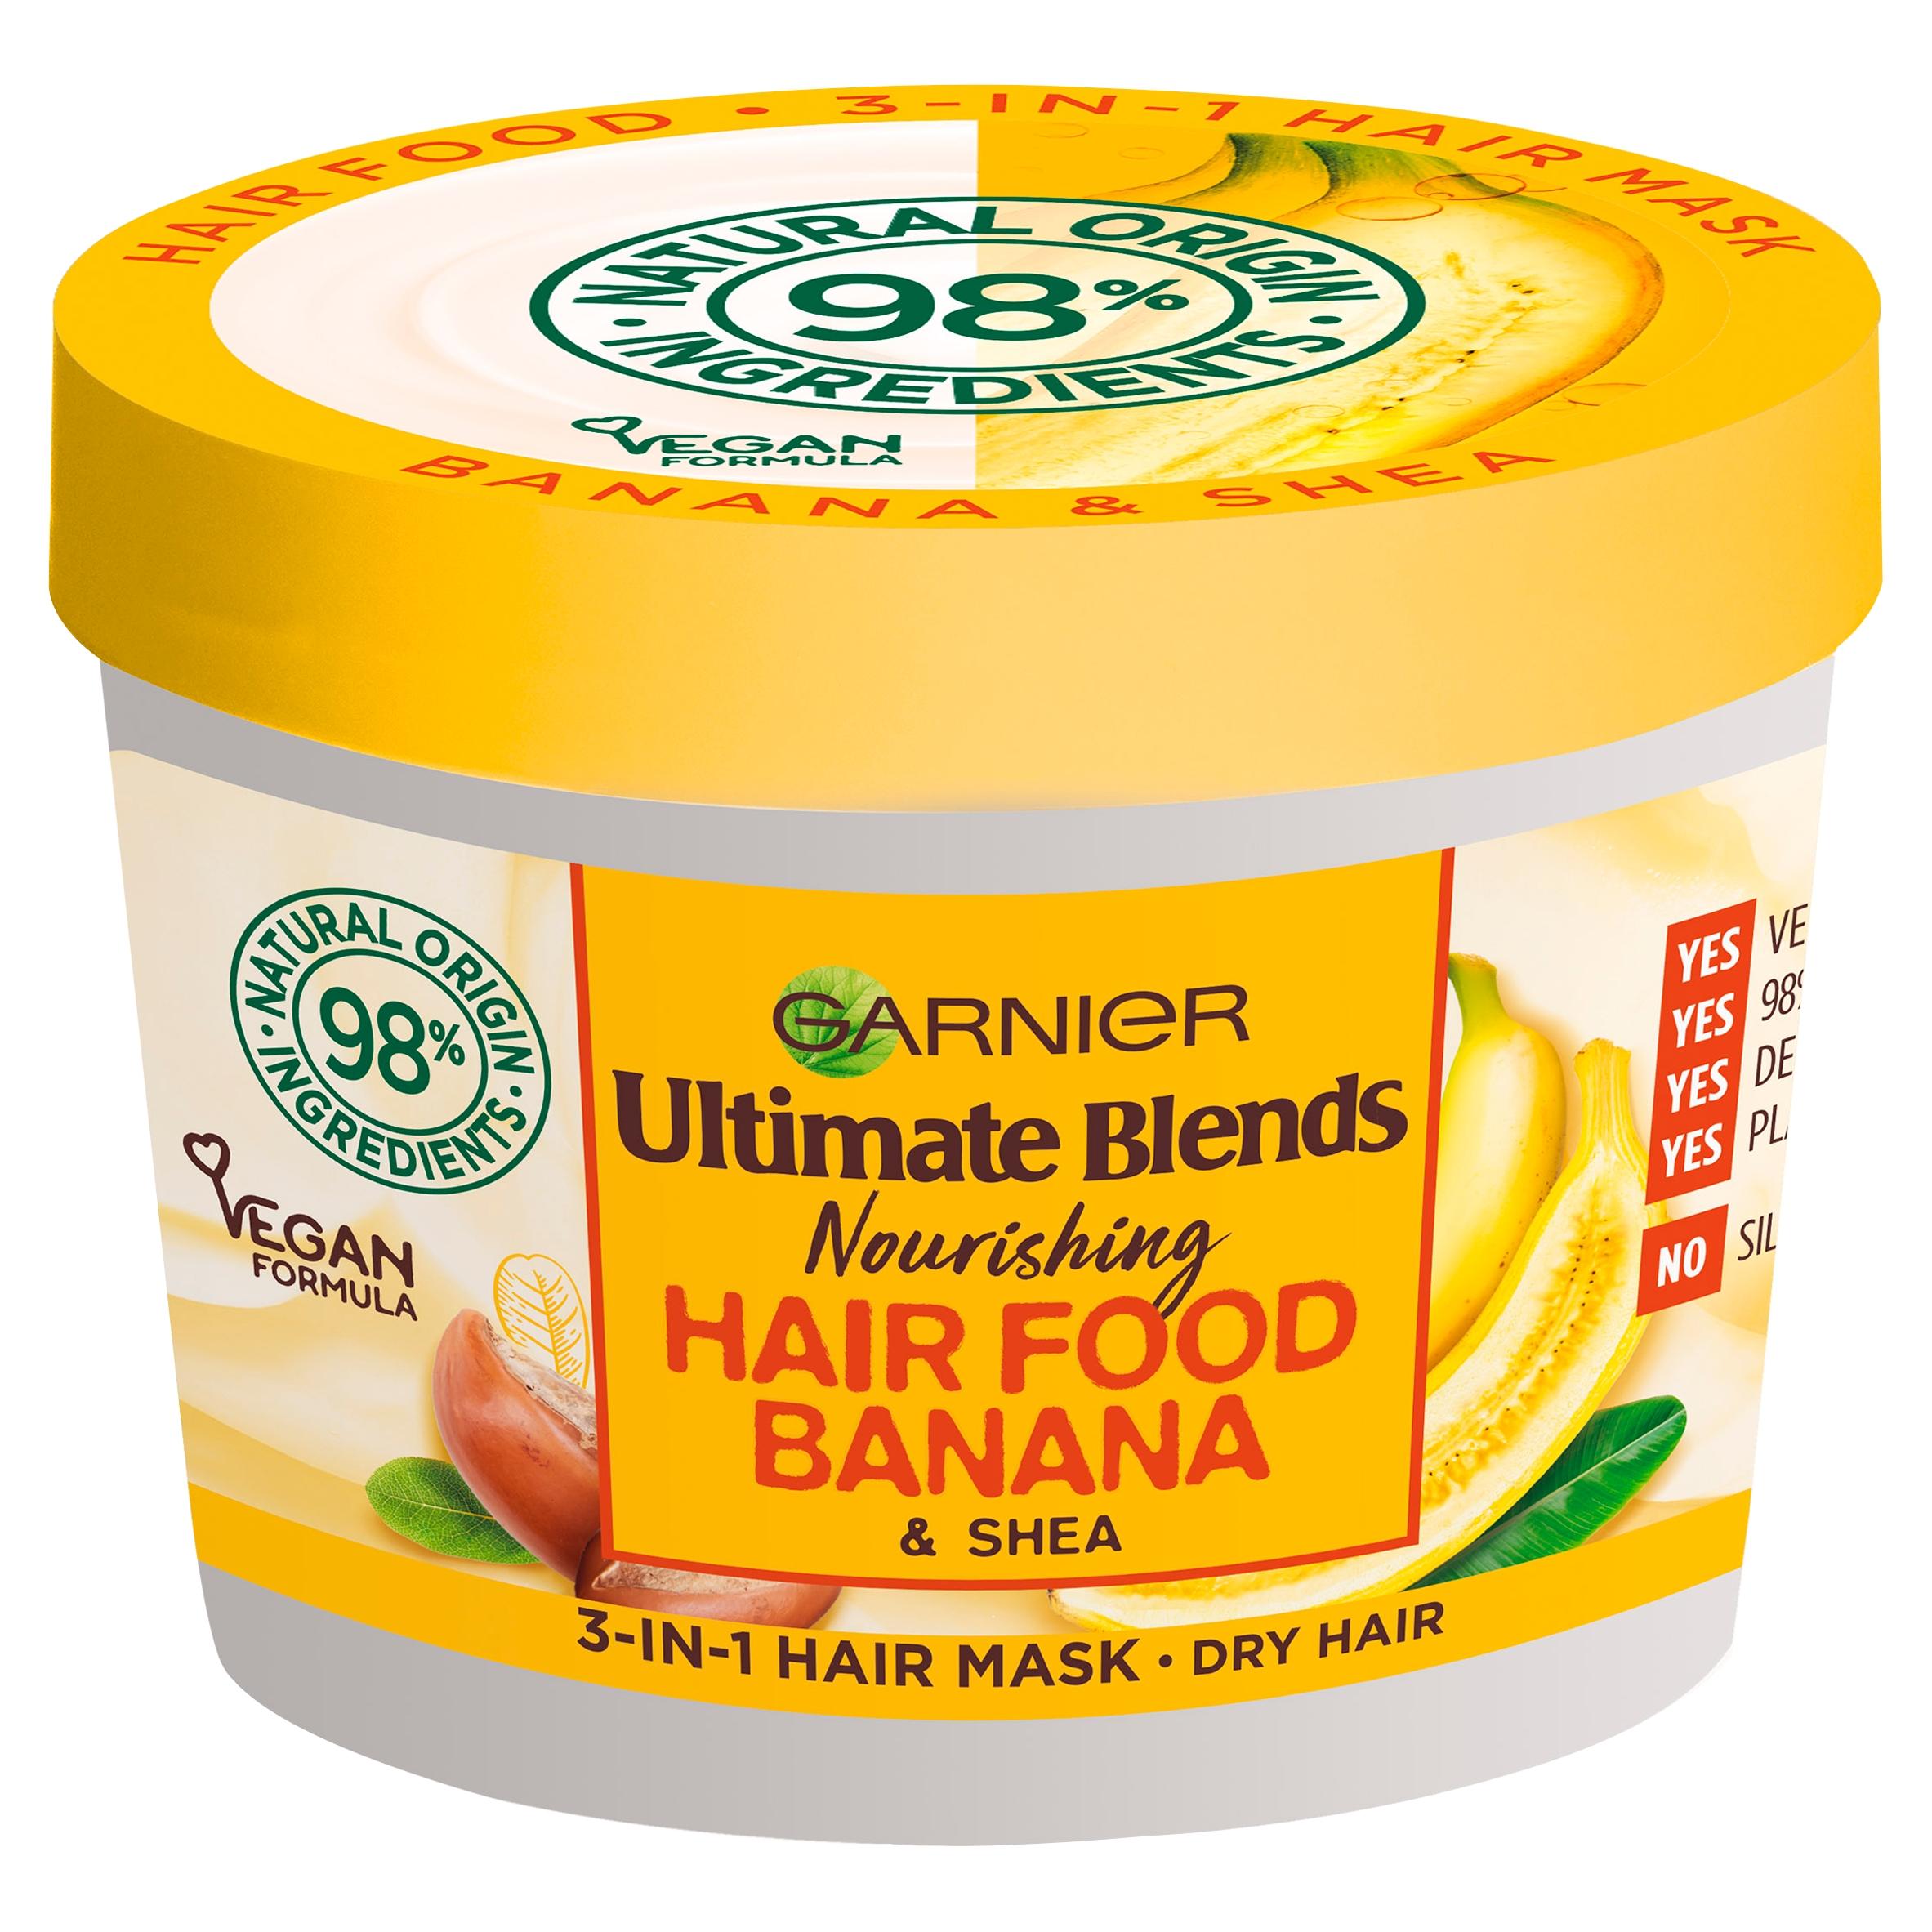 1. UB Hair Food Banana.jpg